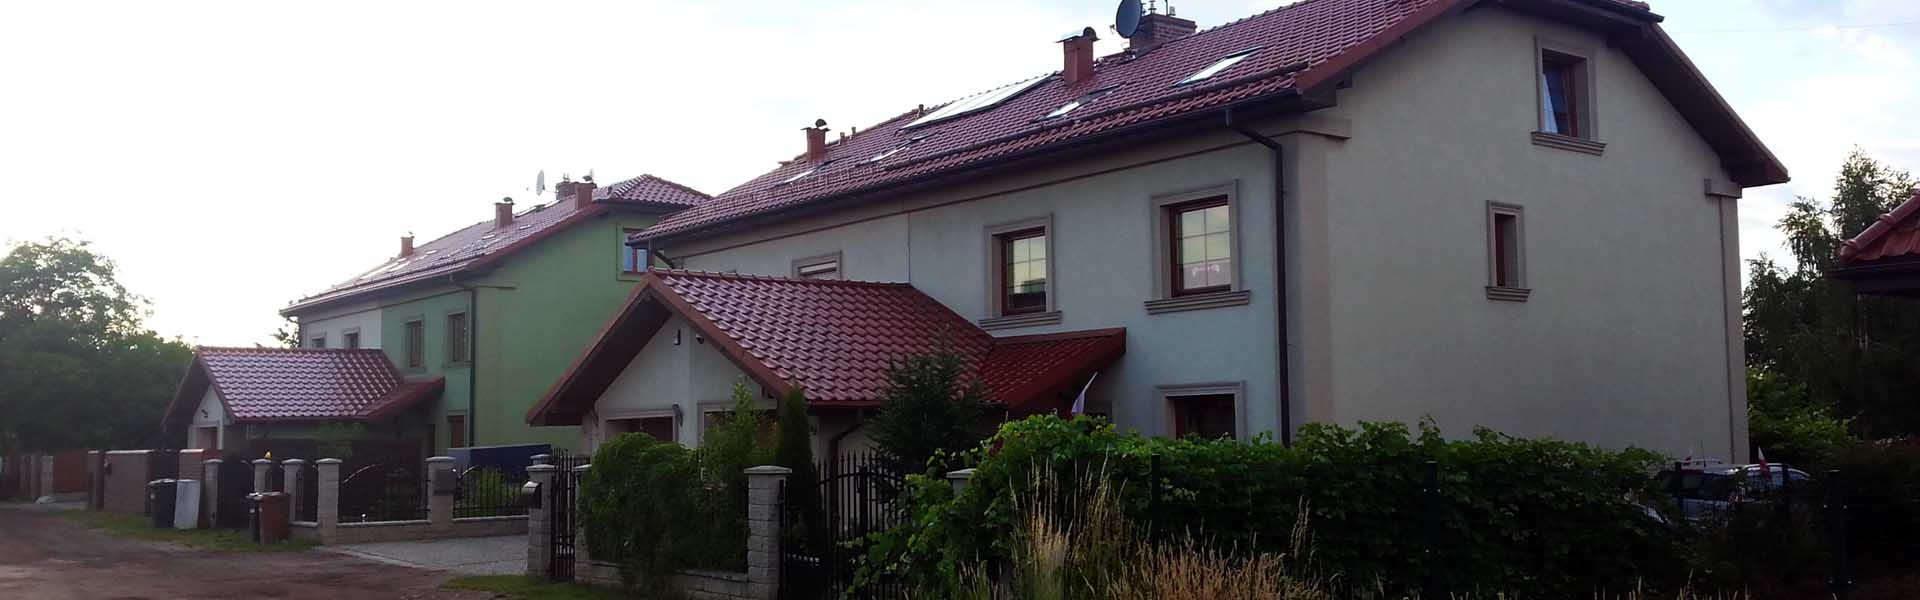 piernikarczyka_small